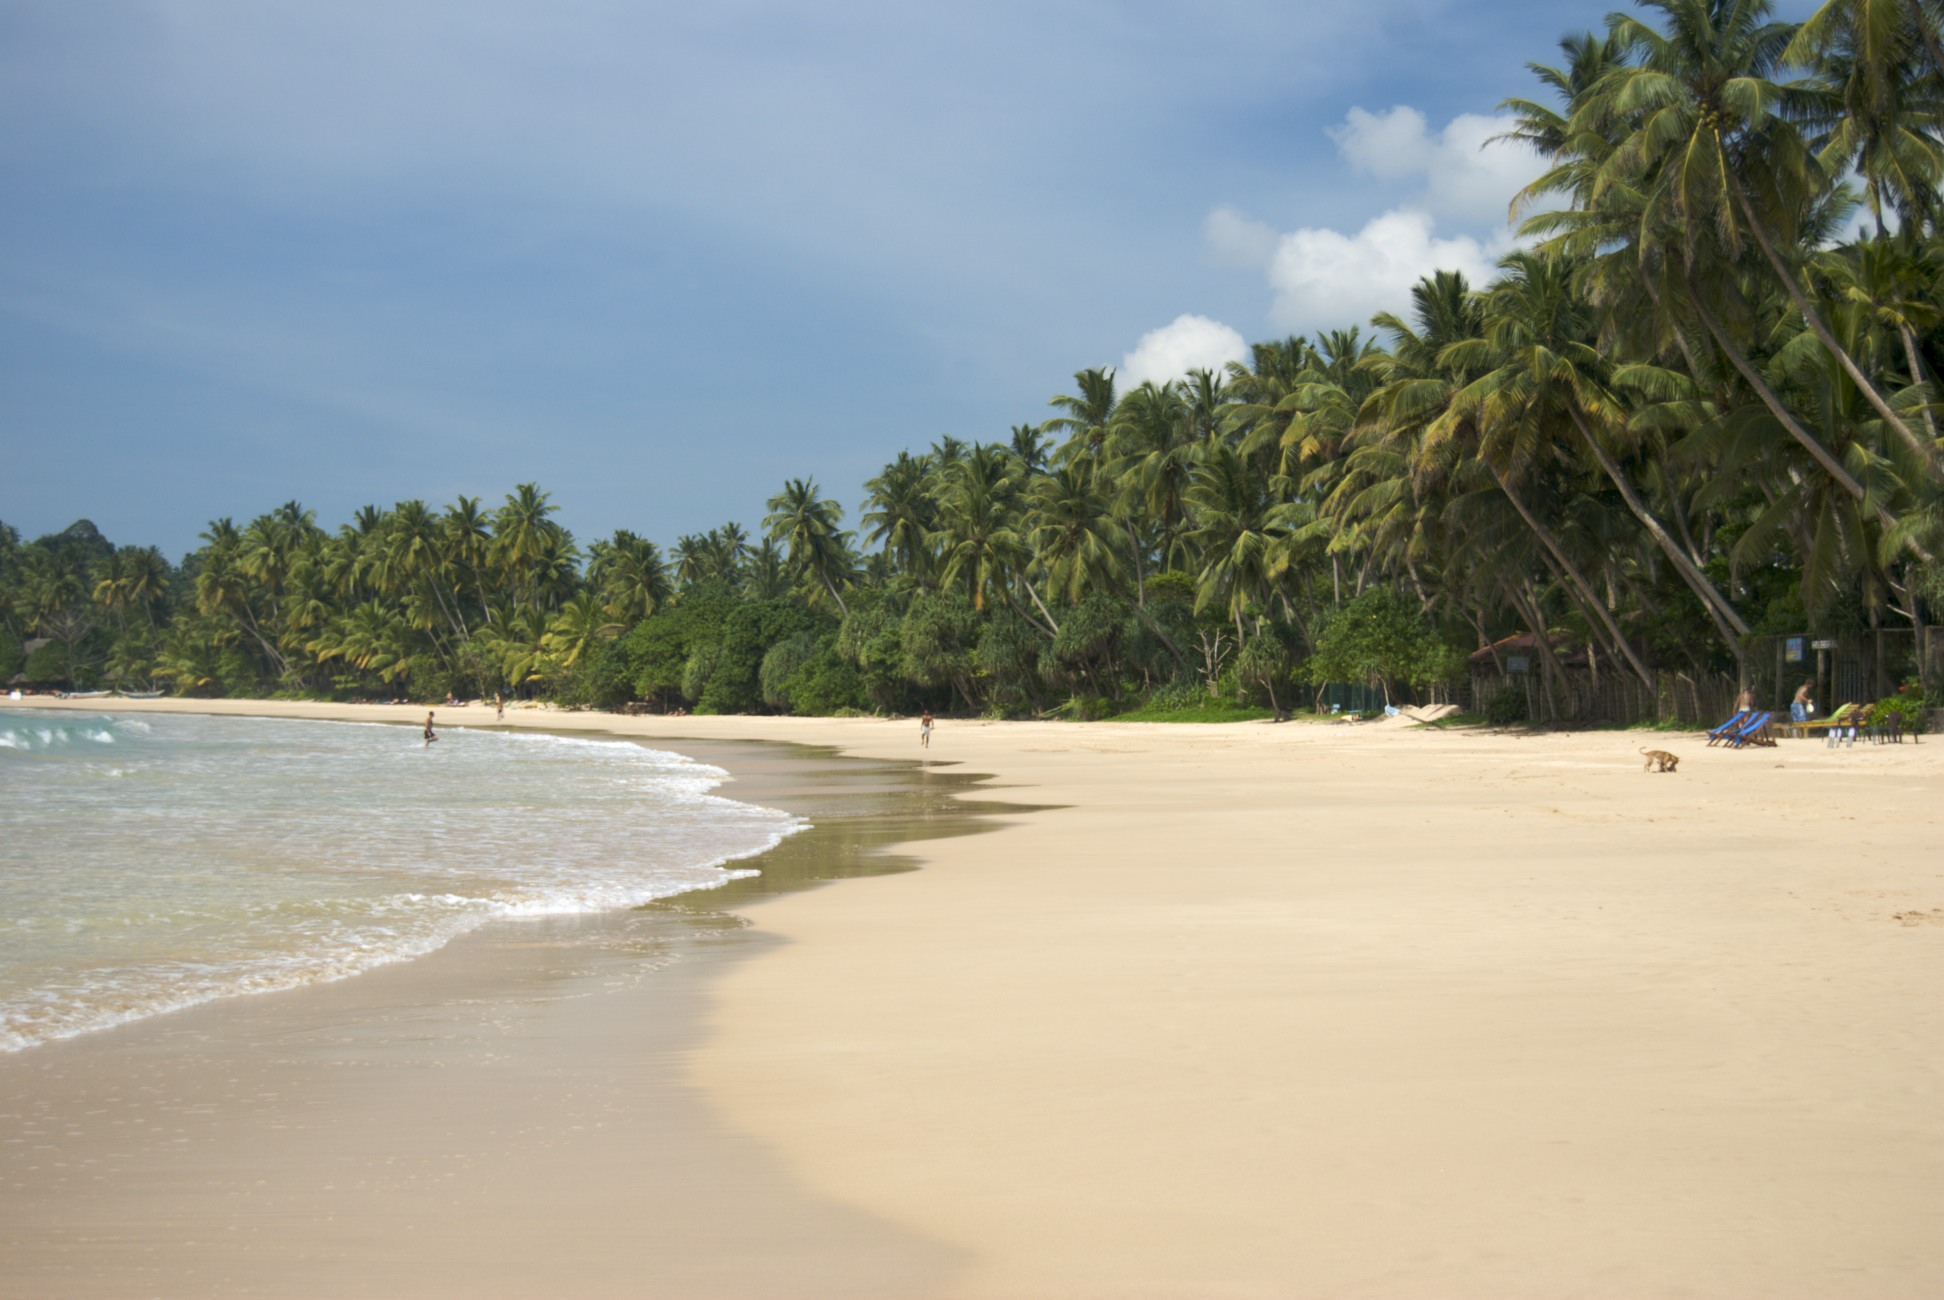 Viajar a Sri Lanka en enero - Mirissa Beach